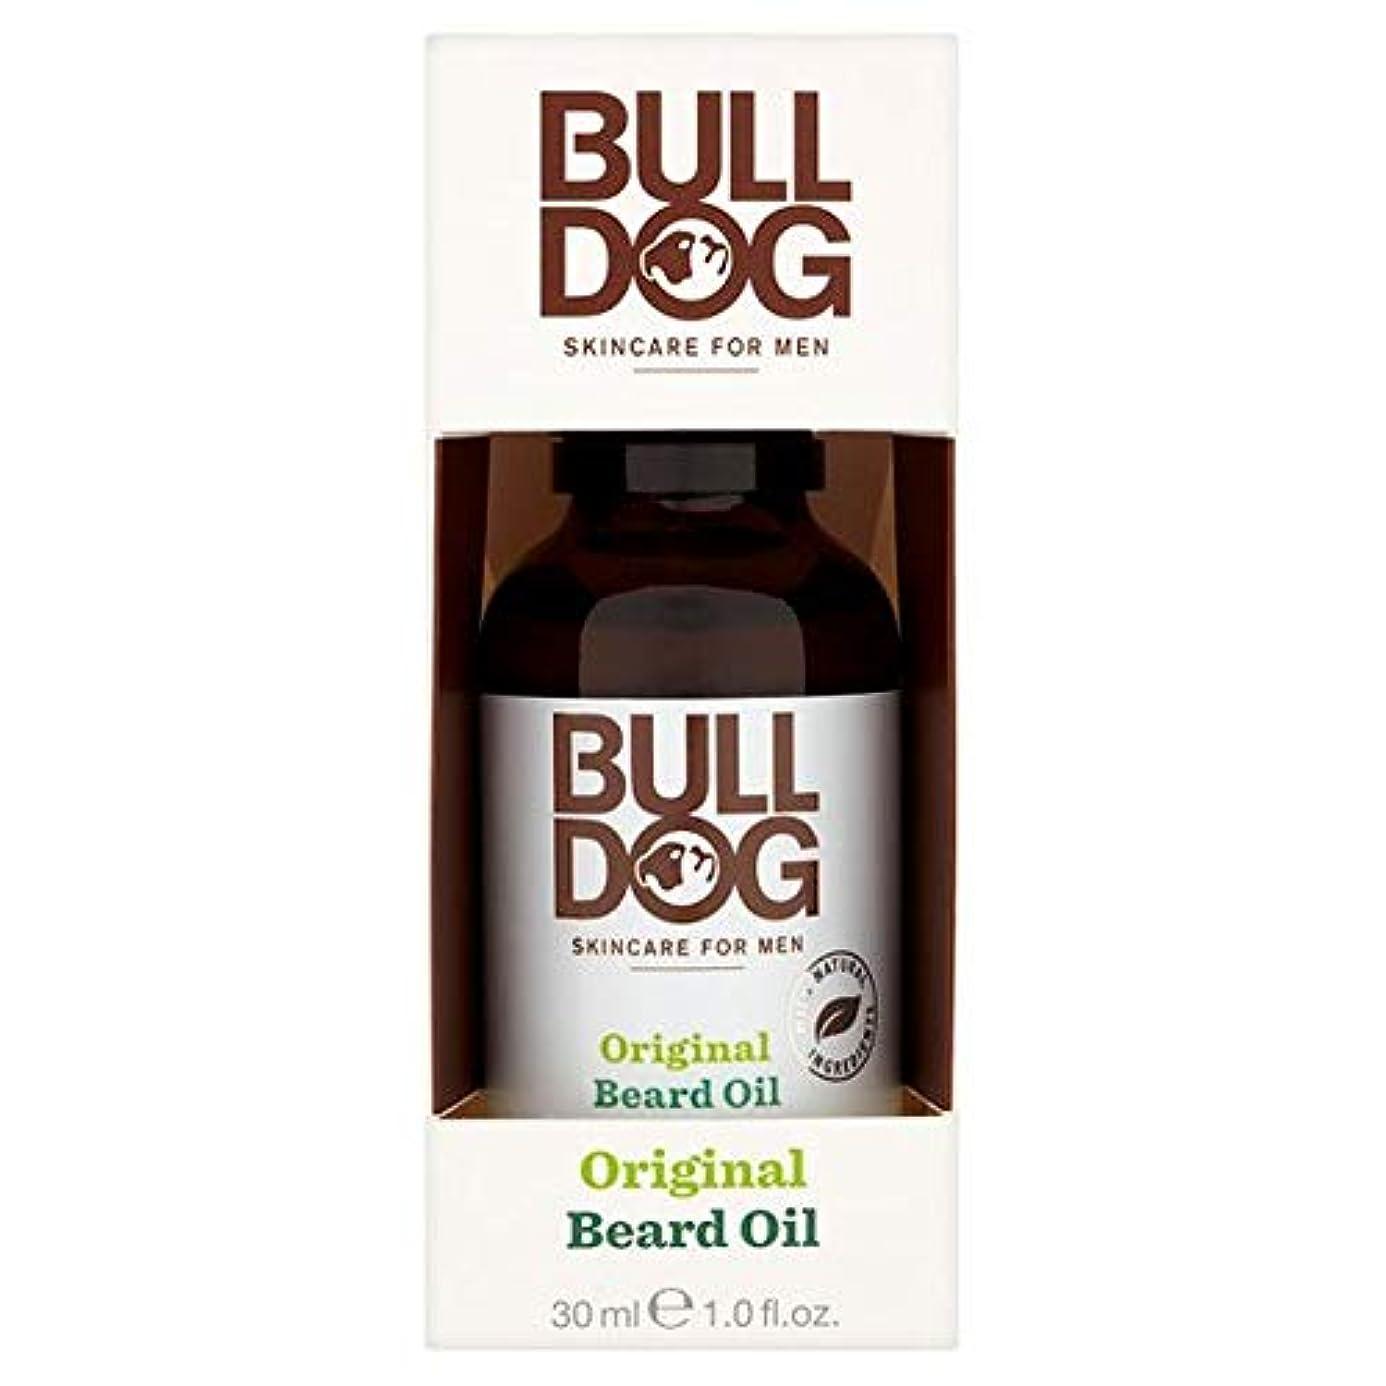 泥どこにも外科医[Bulldog] ブルドッグ元ひげオイル30ミリリットル - Bulldog Original Beard Oil 30Ml [並行輸入品]